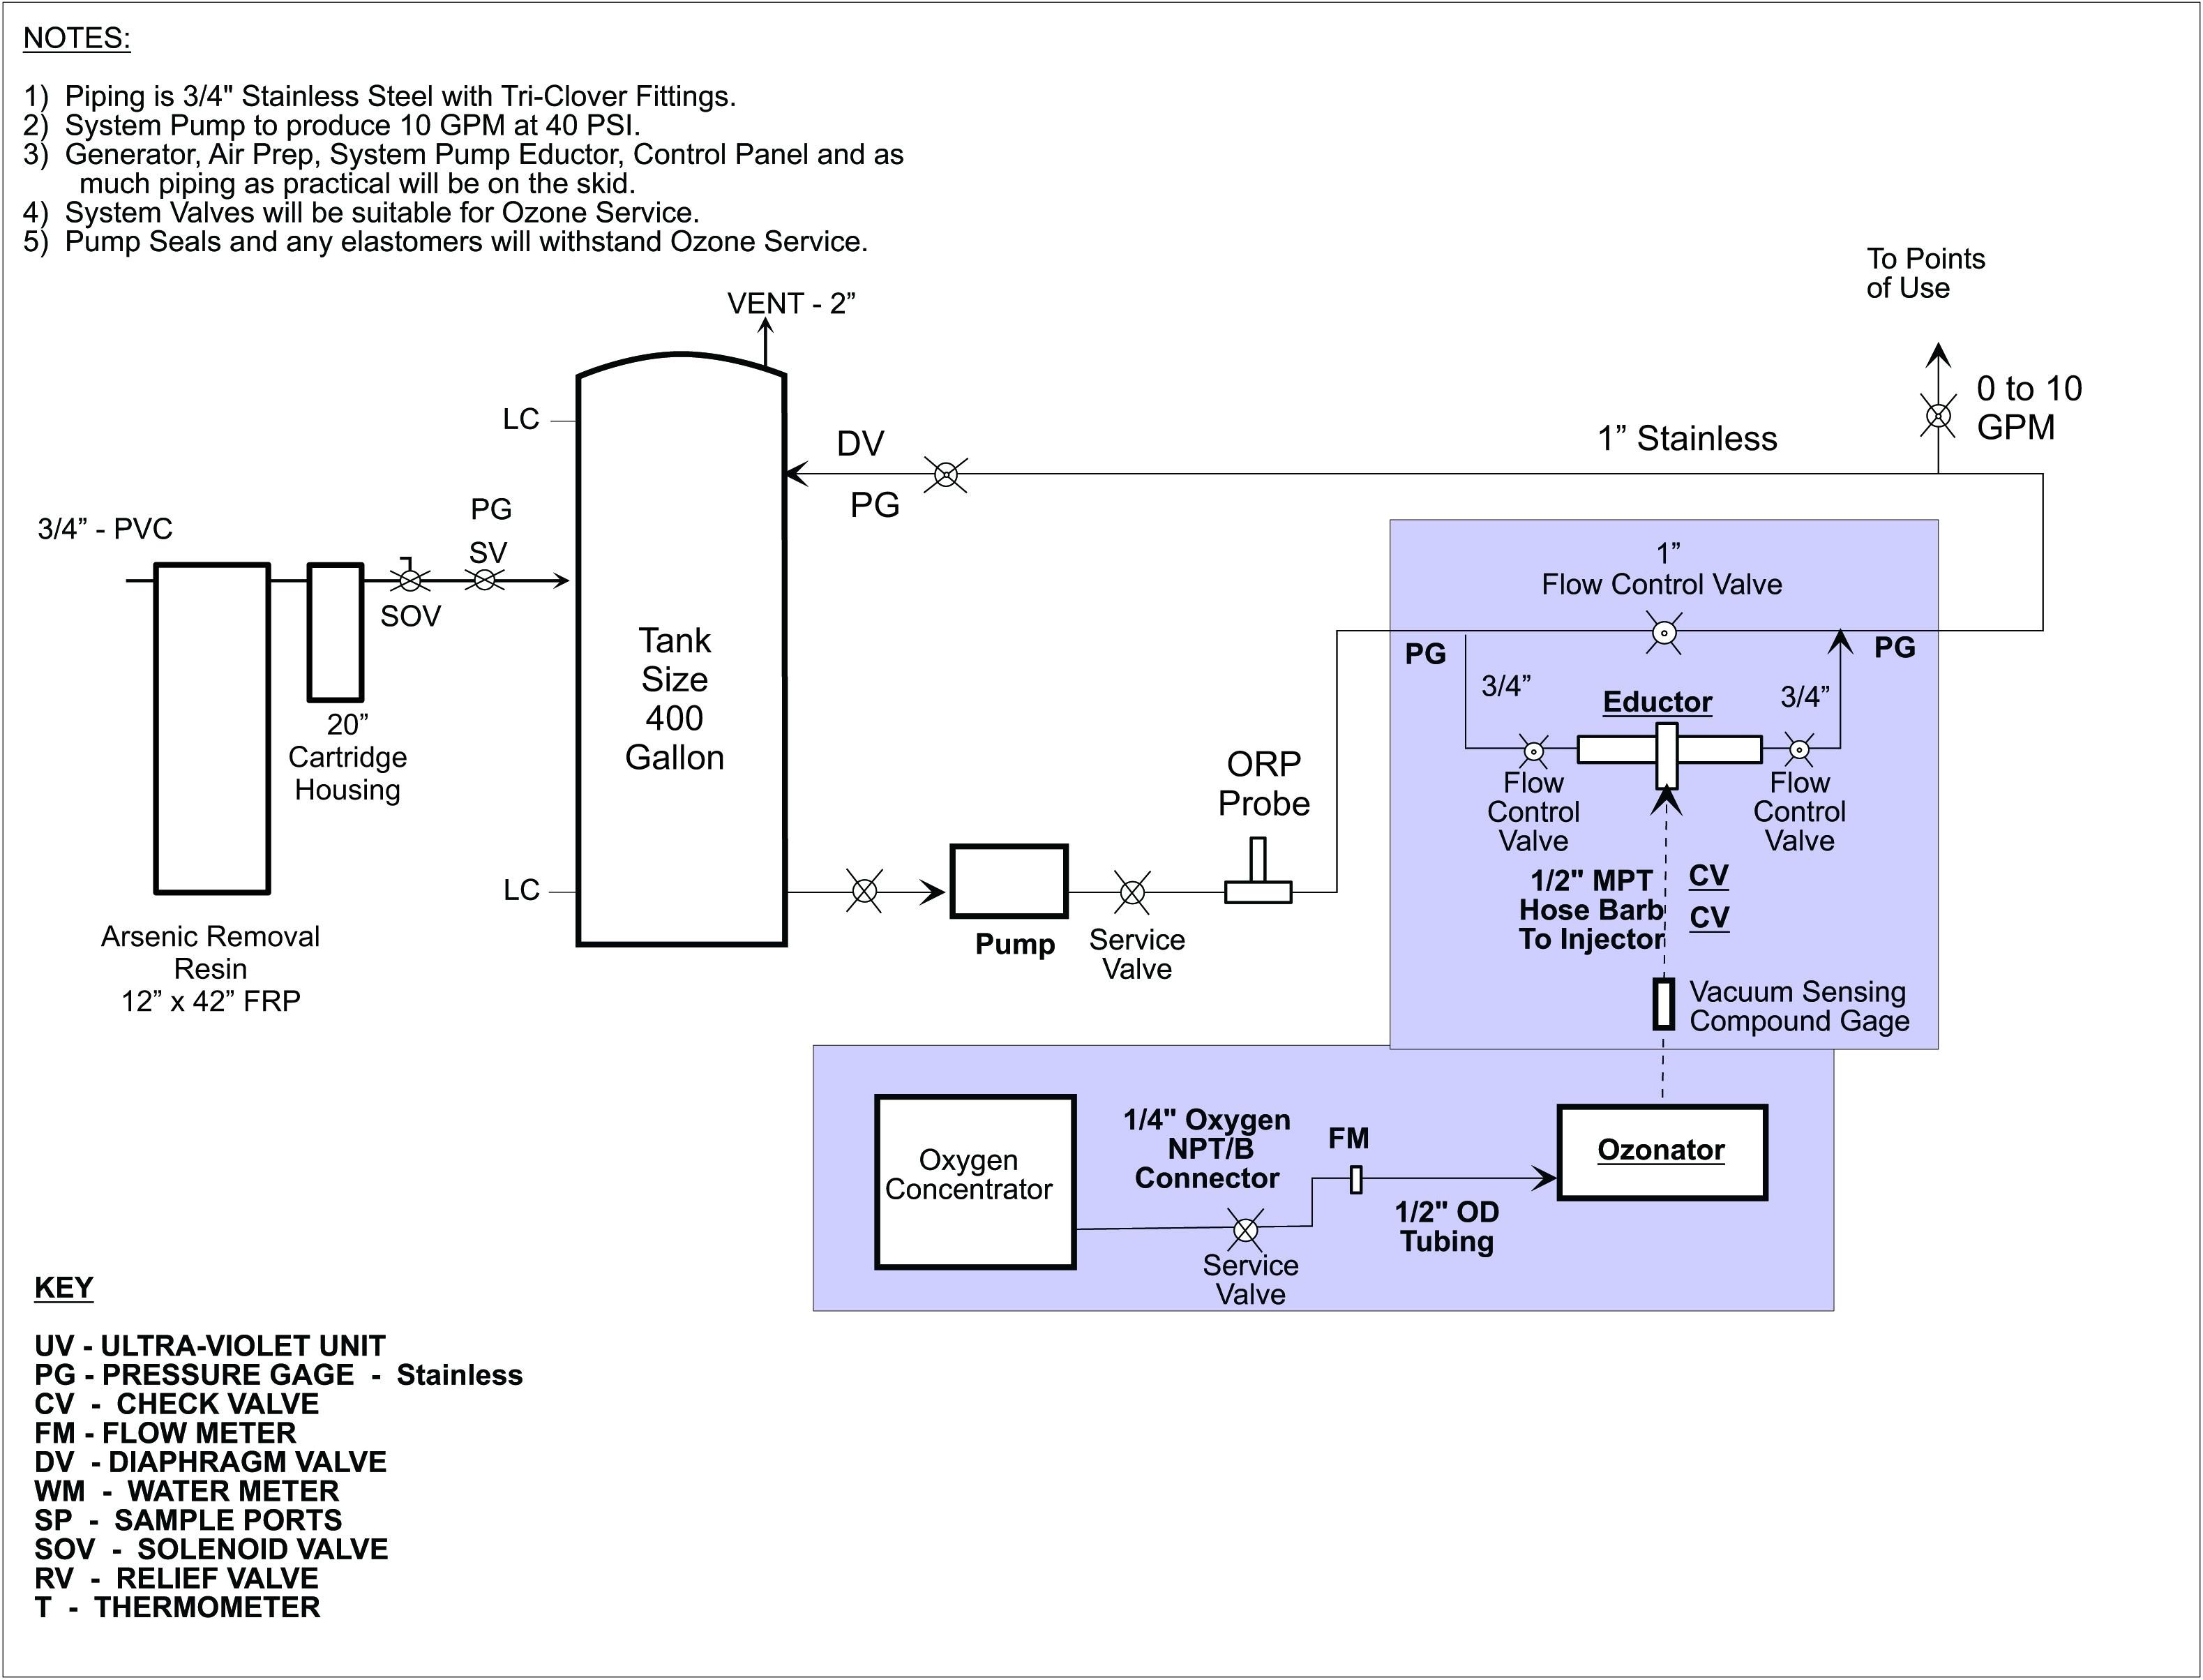 trianglewave generator 1 circuit diagram tradeoficcom wiring strobe pulse generator circuit diagram tradeoficcom